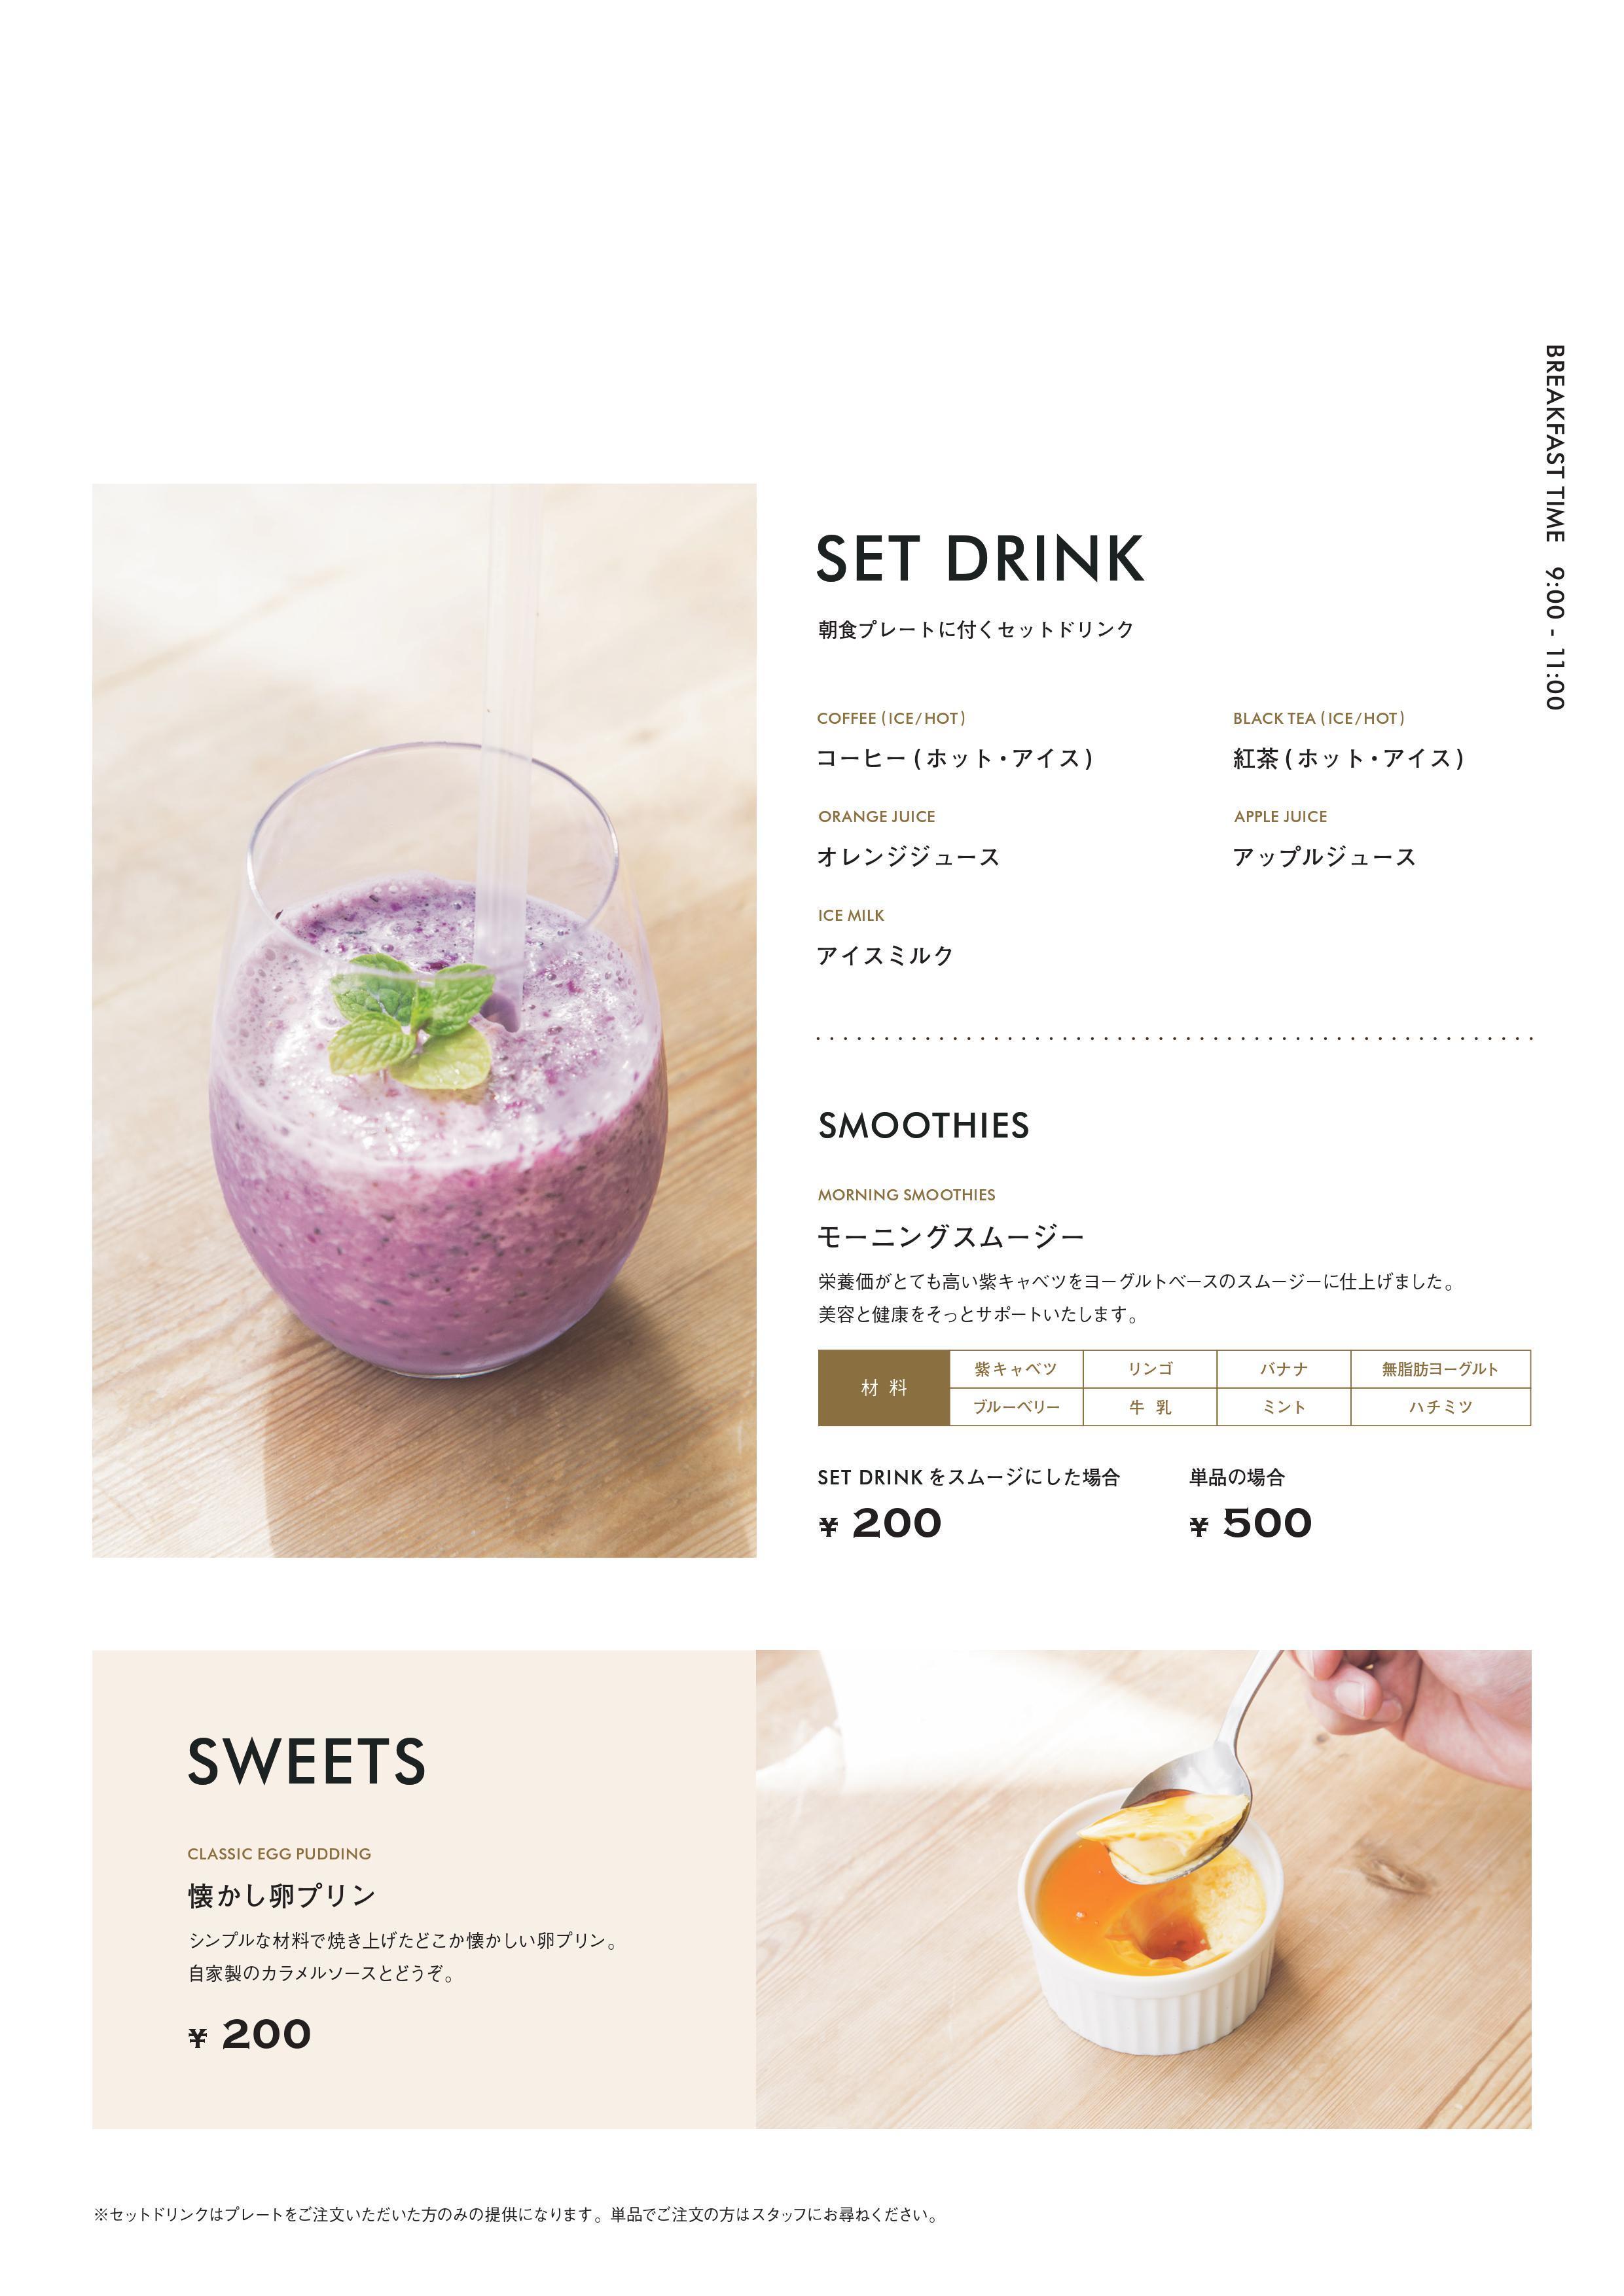 2018年4月2日より「朝食メニュー」が始まります!(営業時間も変更あります)_b0271235_17335129.jpg